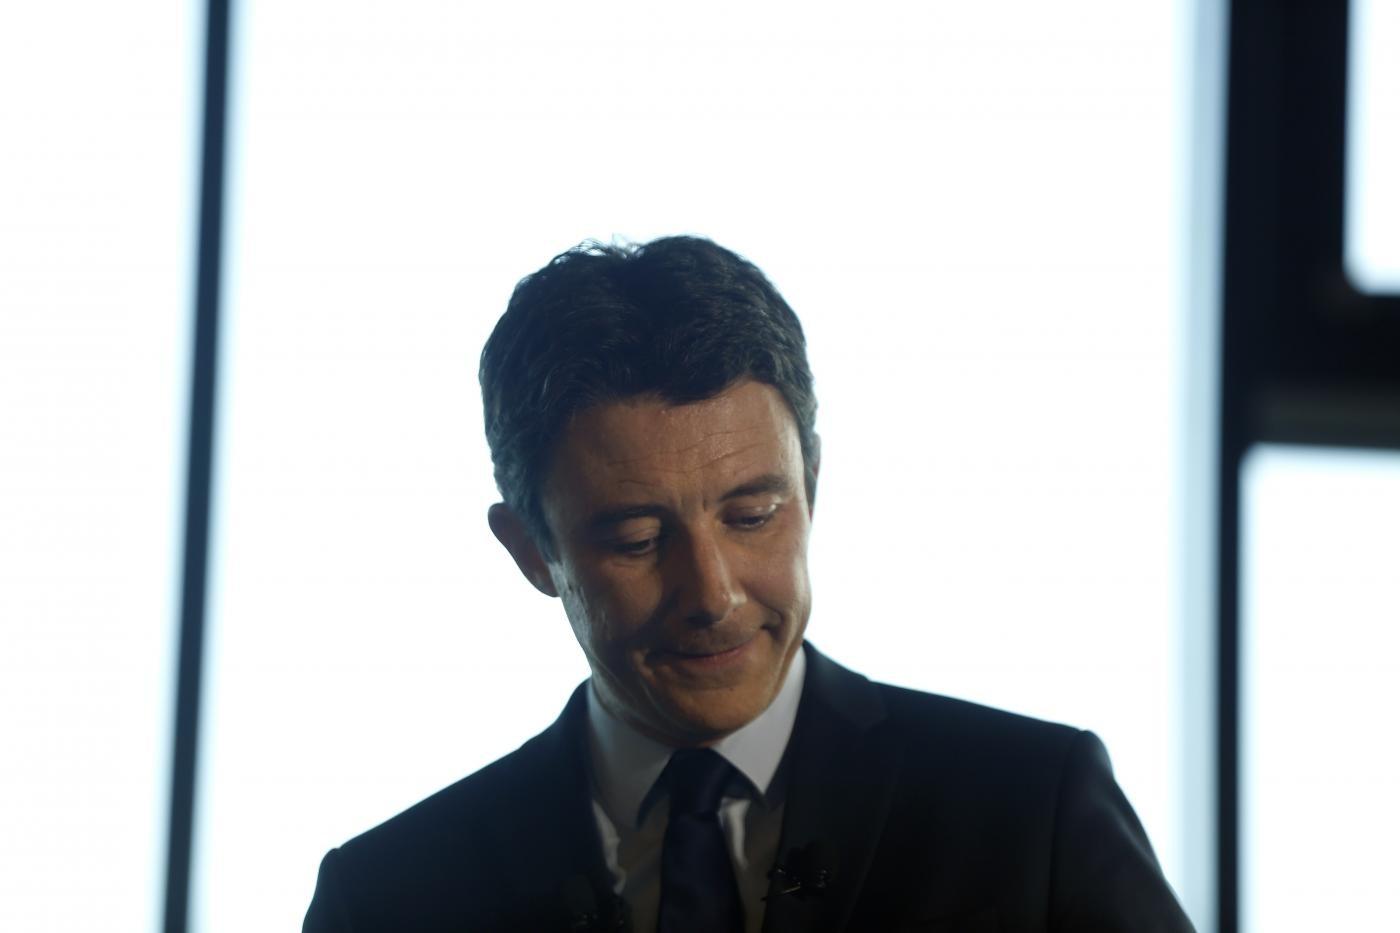 Parigi, si ritira candidato sindaco di En Marche dopo diffusione video hot